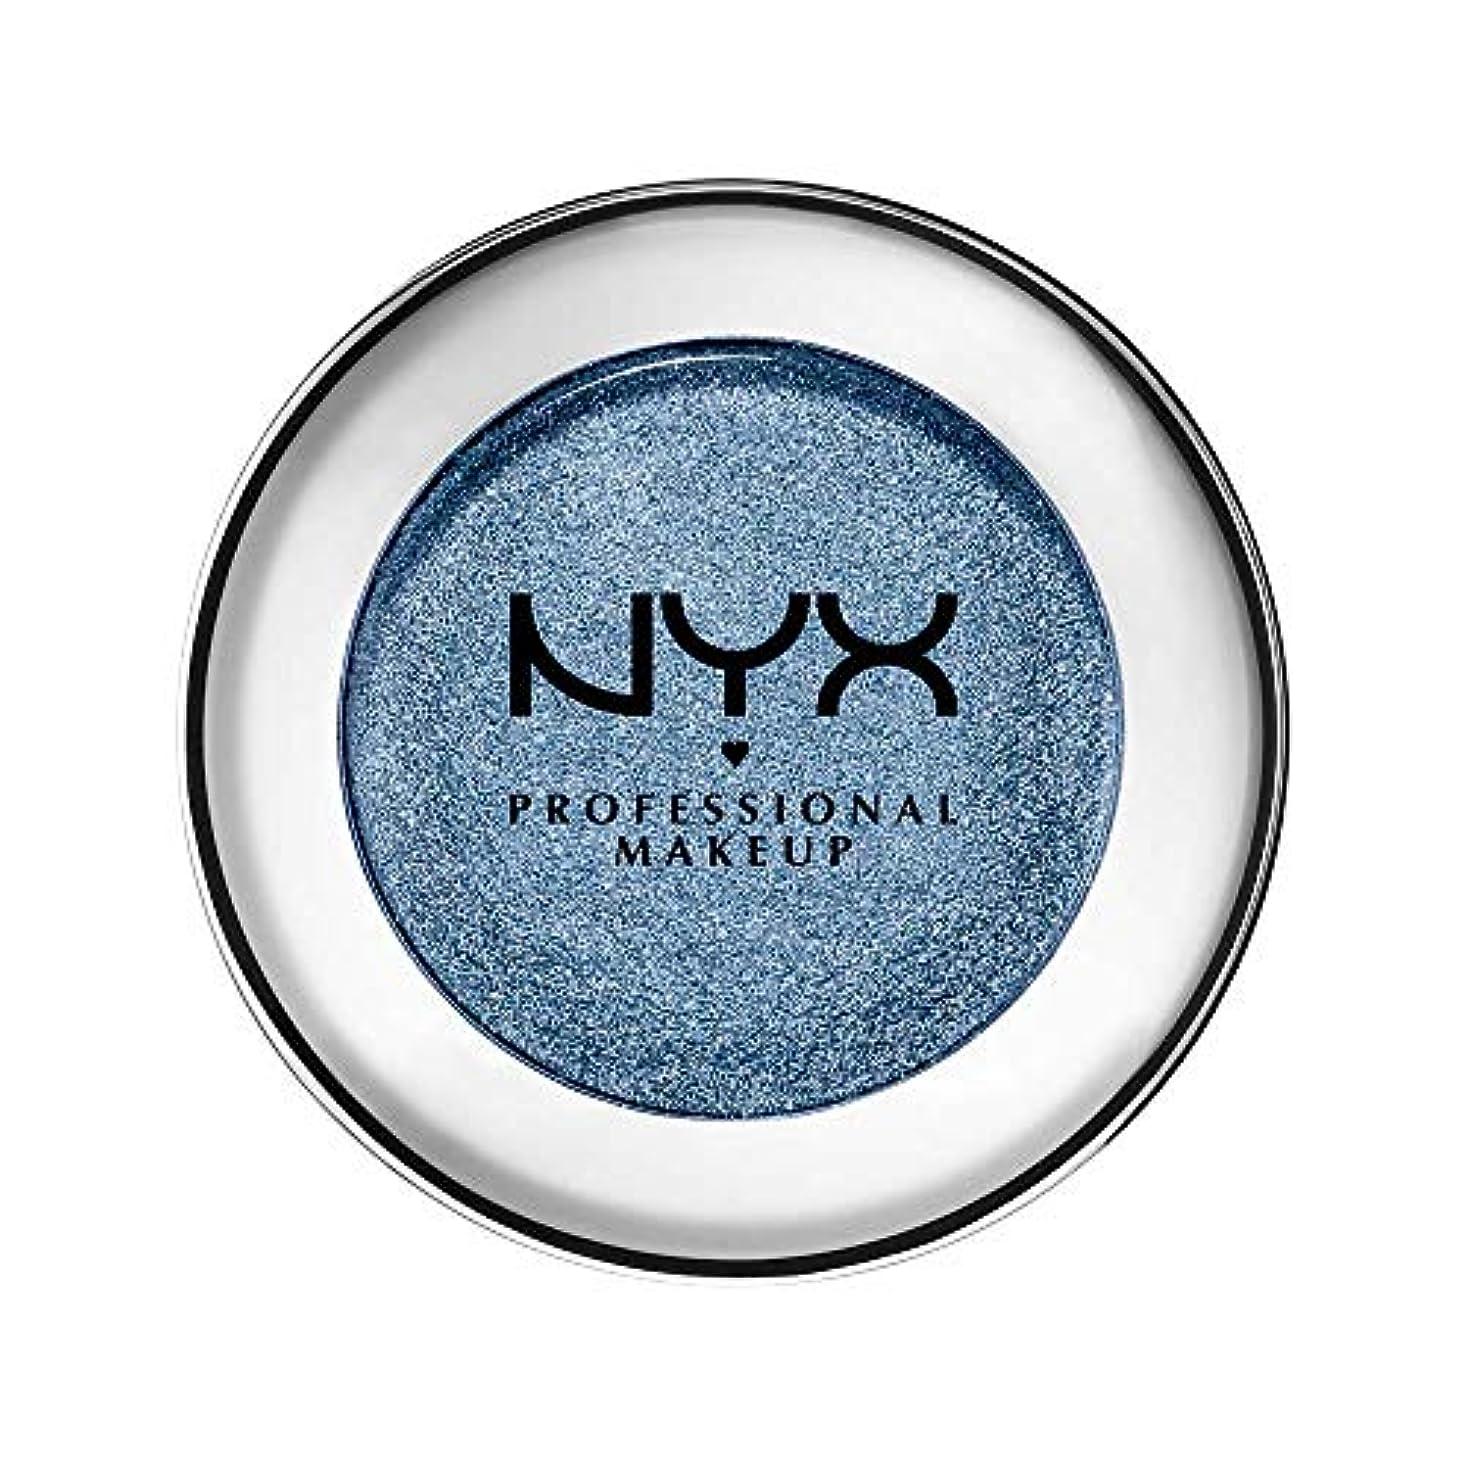 二度スピリチュアル動くNYX(ニックス) プリズマ シャドウ 08 カラーブルー ジーンズ